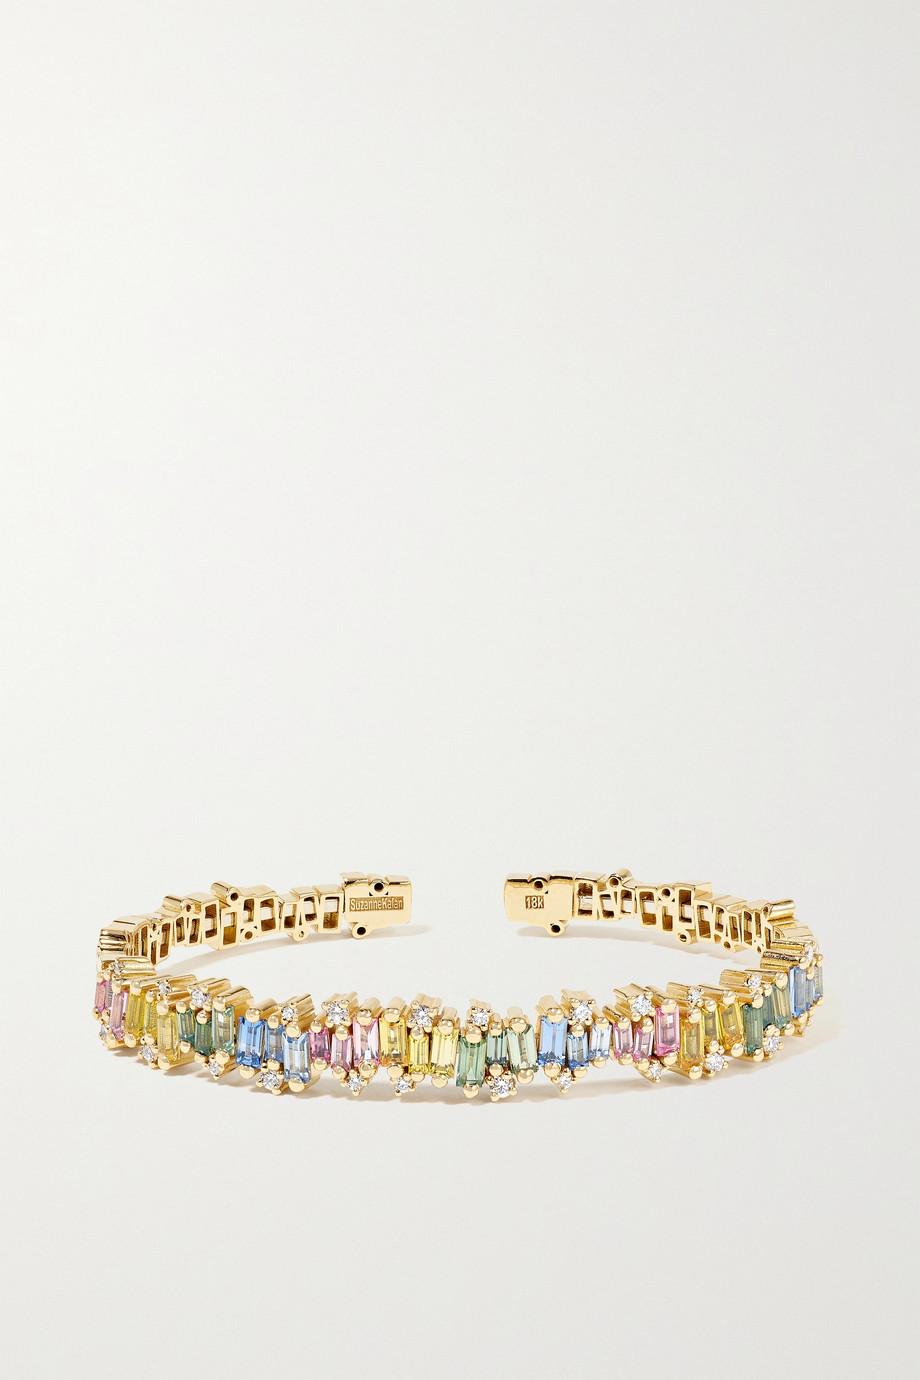 Suzanne Kalan Bracelet en or 18 carats (750/1000), saphirs et diamants